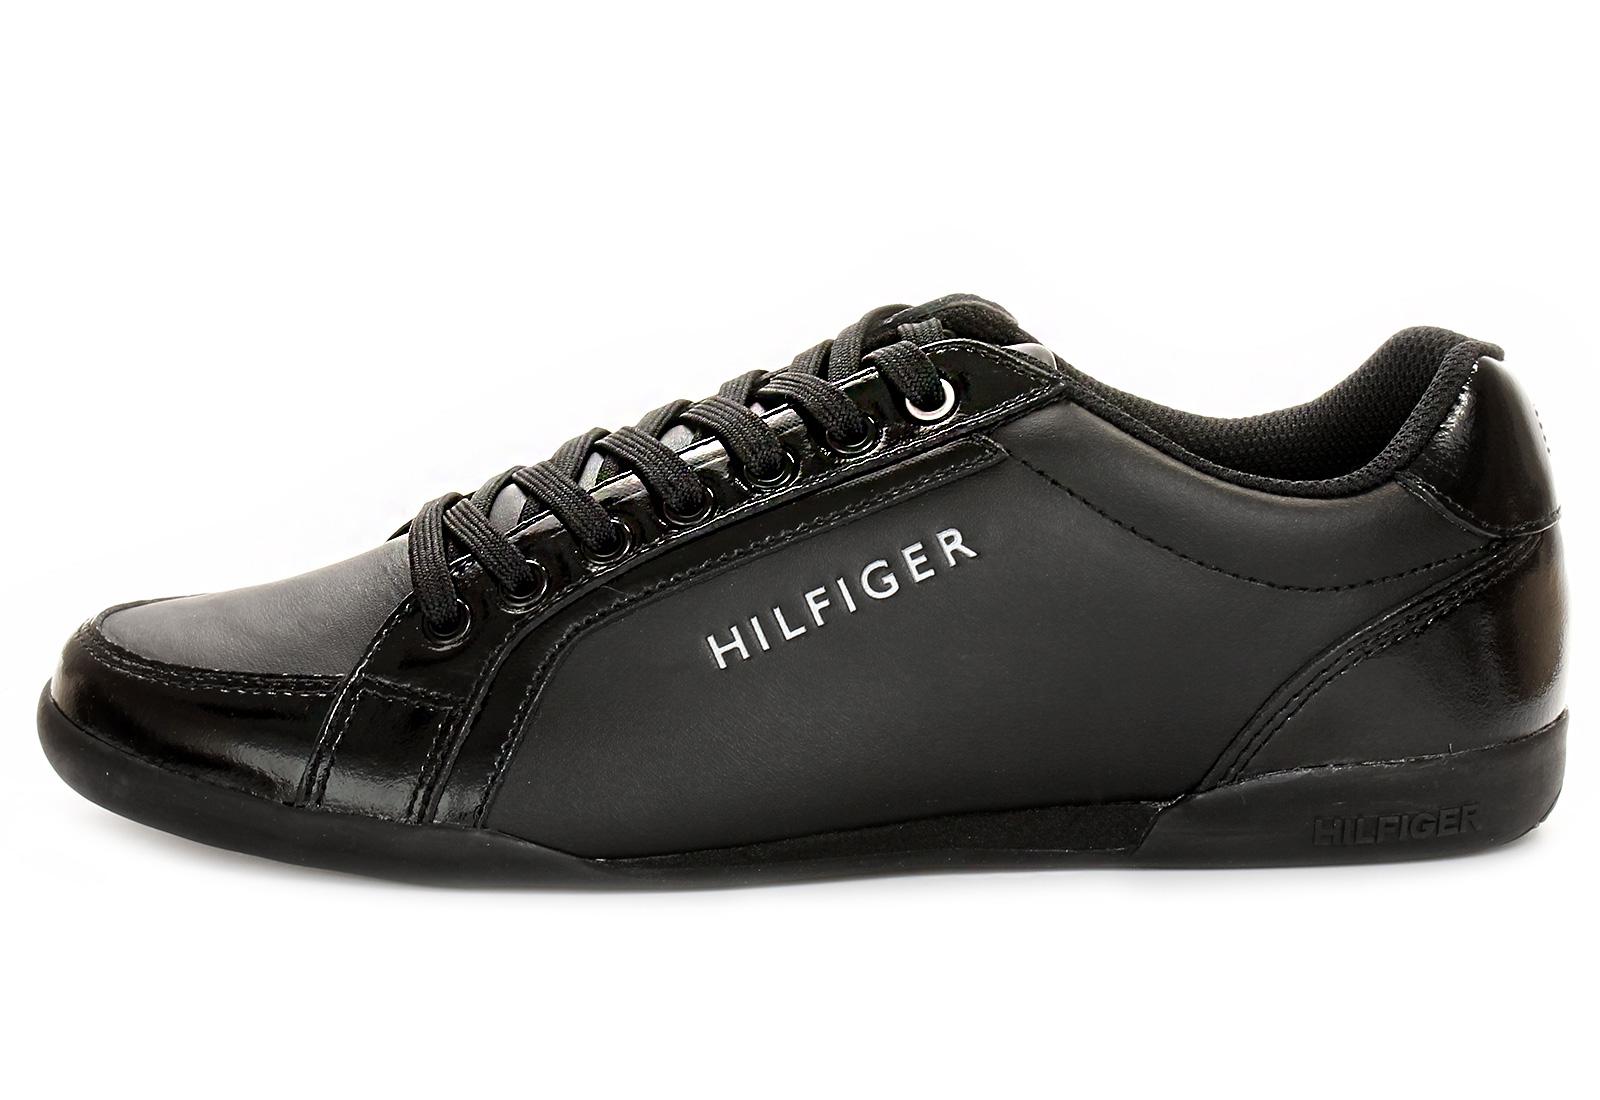 8371159017 Tommy Hilfiger Cipő - Ray 6 - 12F-4995-990 - Office Shoes Magyarország